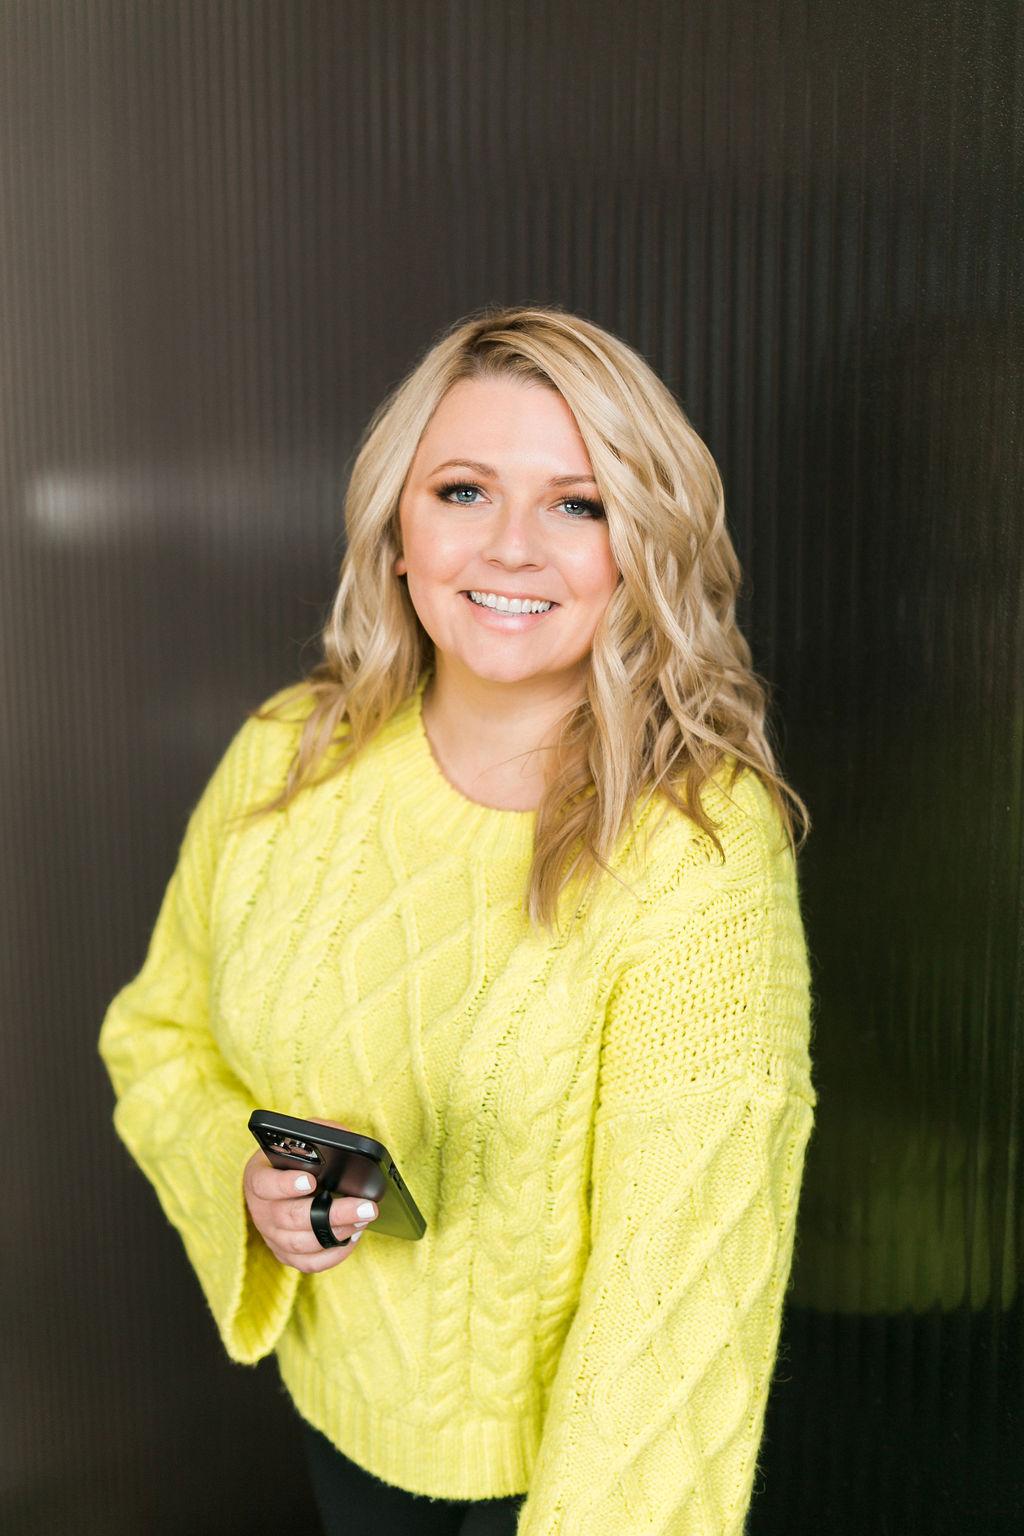 Chelsea Petersen